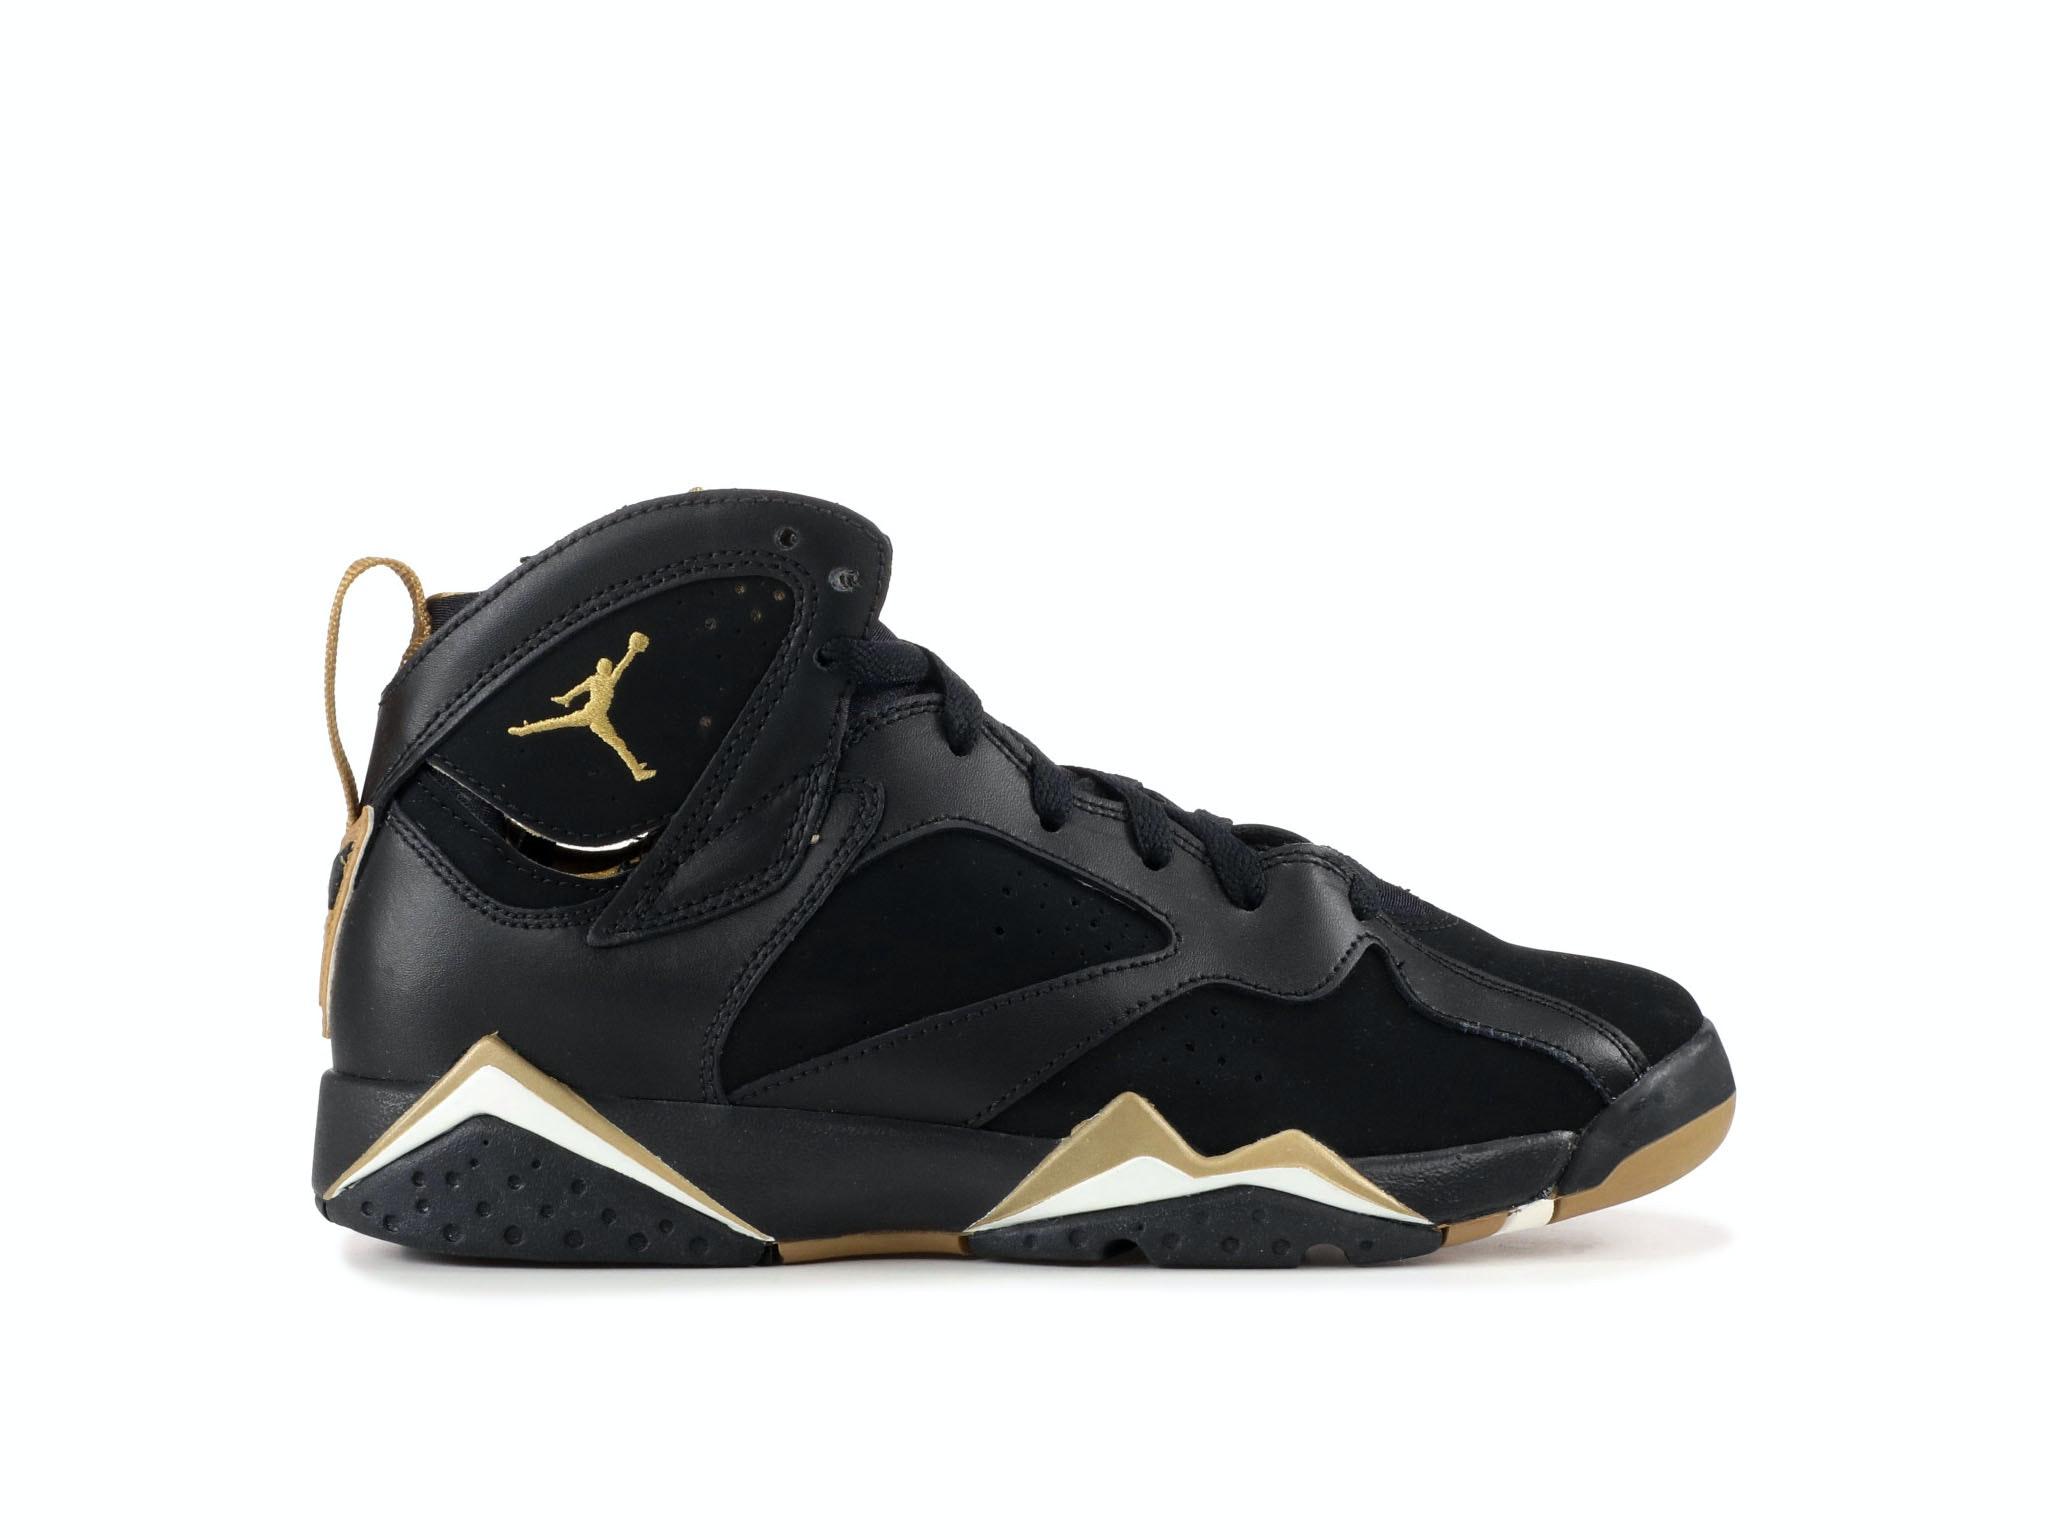 0e75e47b36f3a4 Shop Air Jordan 7 Retro GS Golden Moments Online